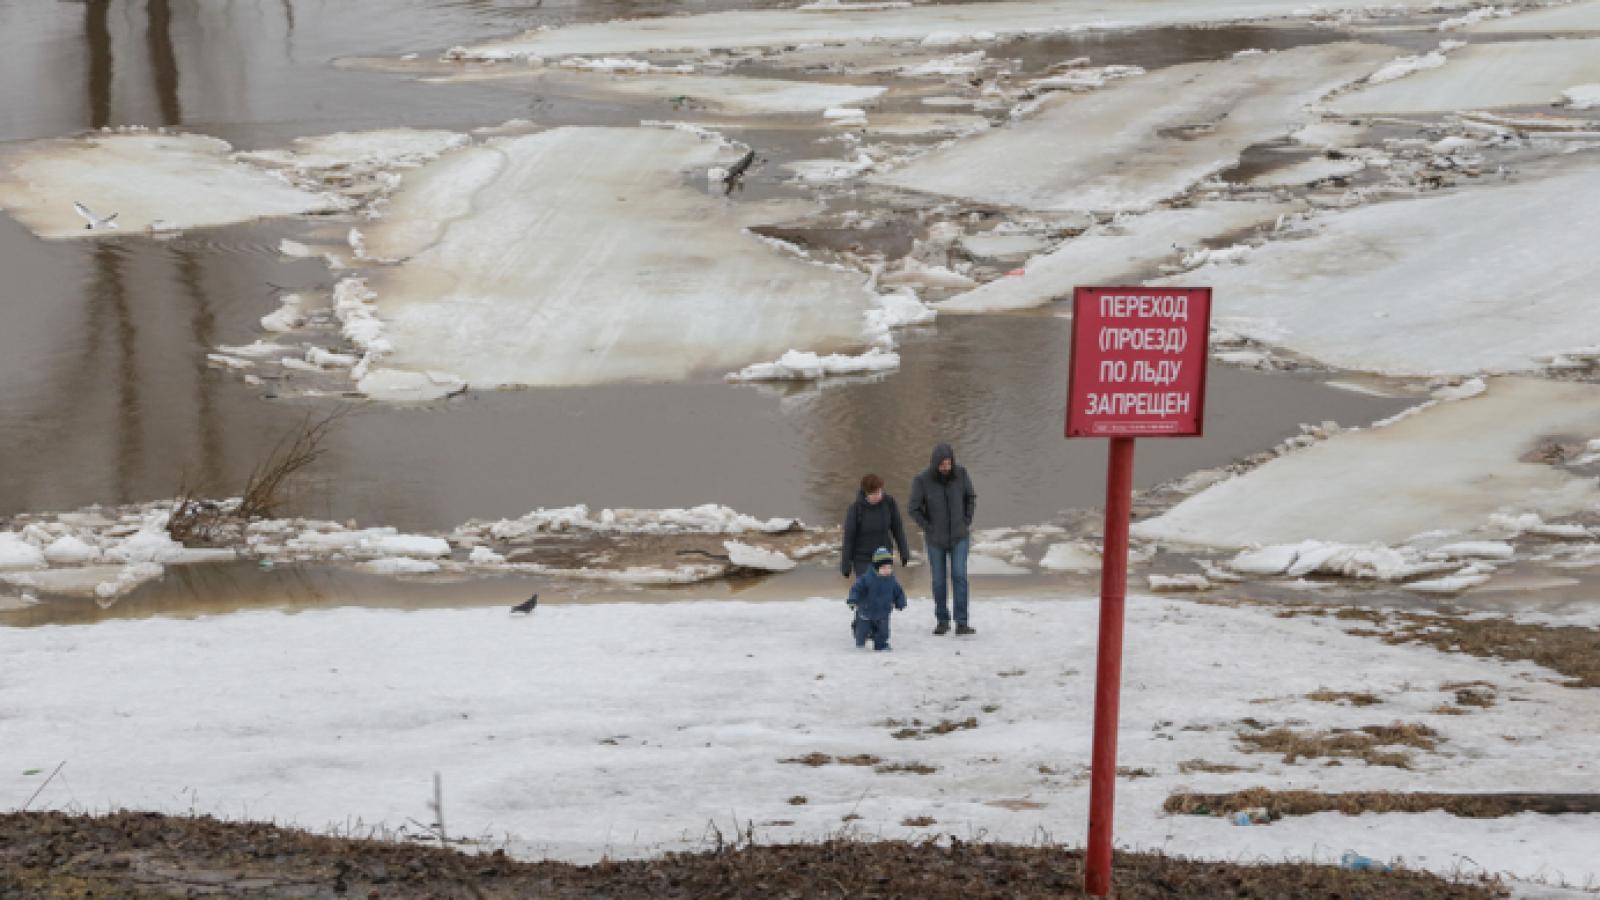 Выход на лед полностью запрещен в Вологодской области